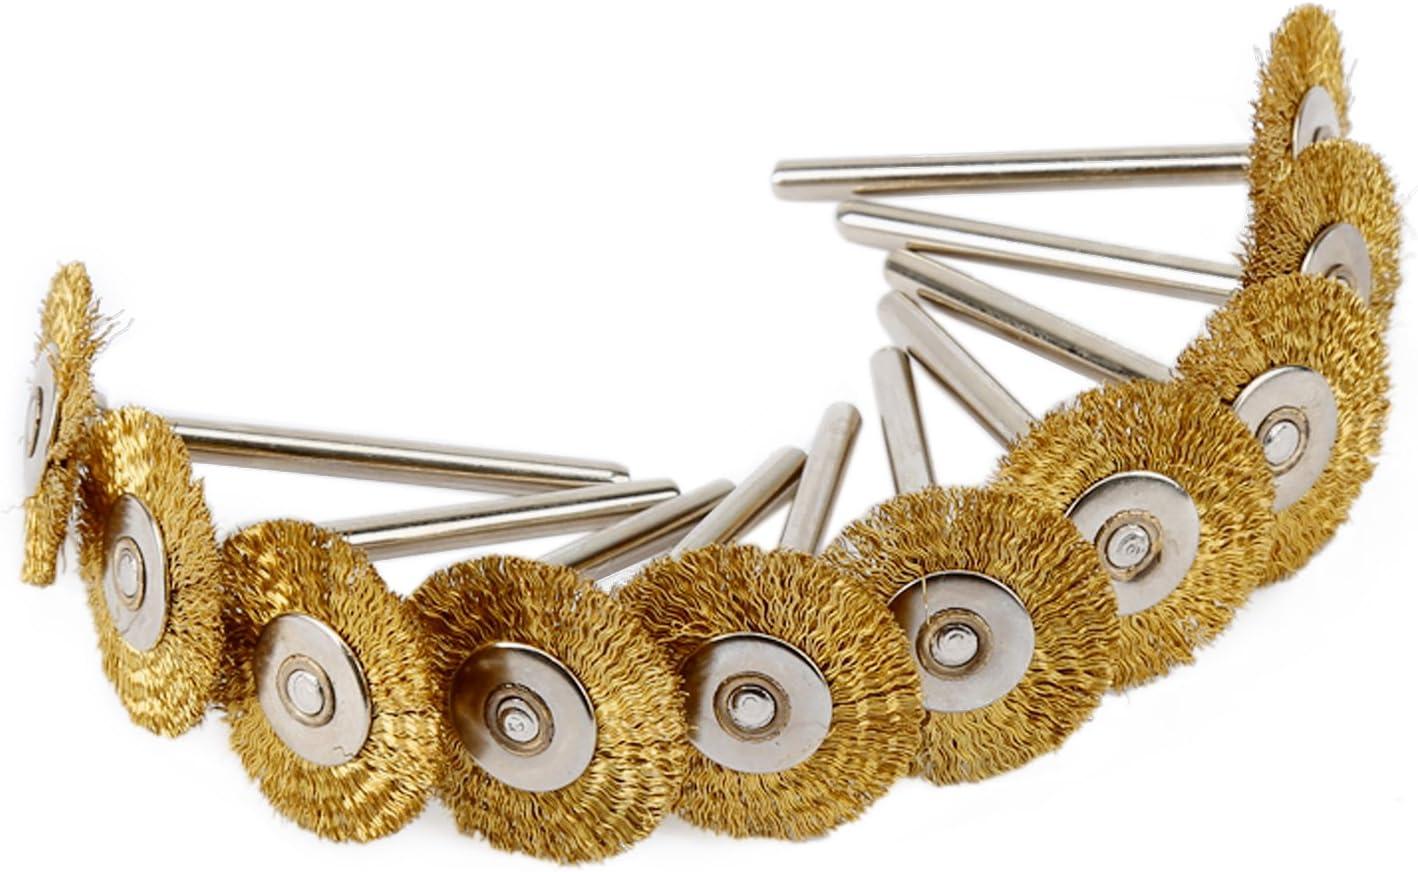 10pcs 22mm Laiton Fil Roue Brosses Outil de polissage pour Grinder Die Rotary